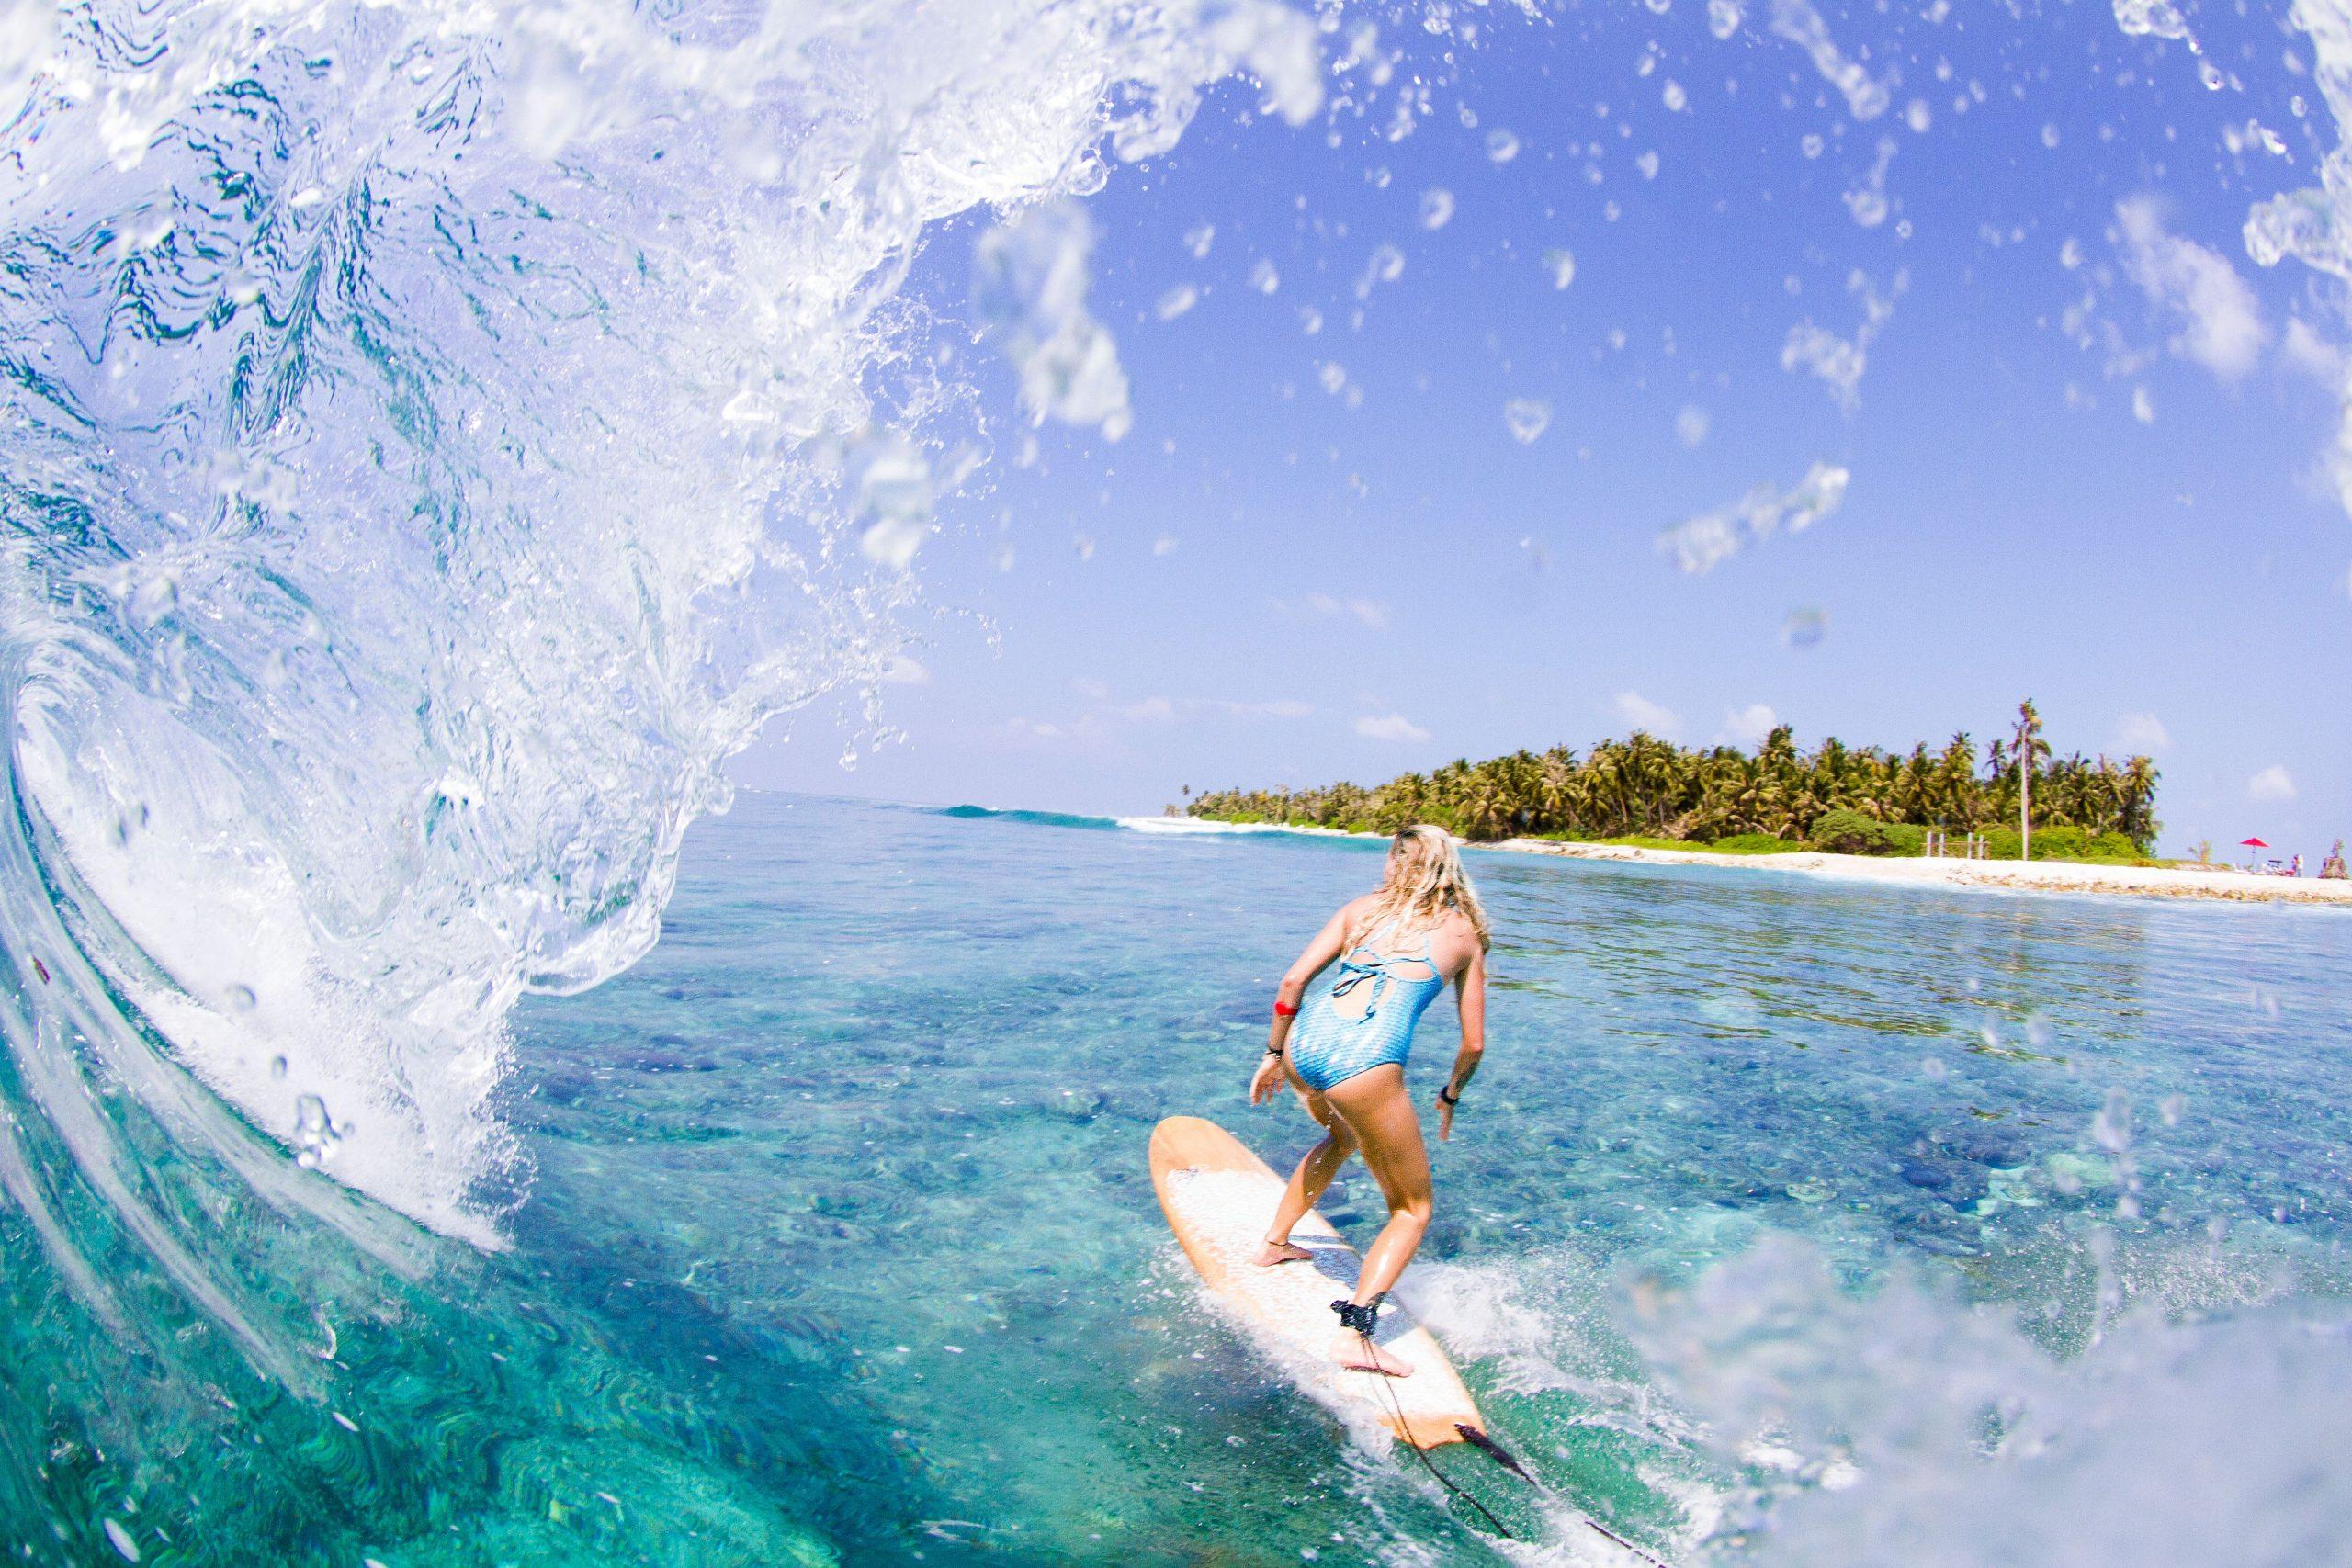 Det københavnske rejsebureau De Brede Planker har igen til oktober en unik surfferie ved Maldiverne. Pressefoto: DBP Adventures.